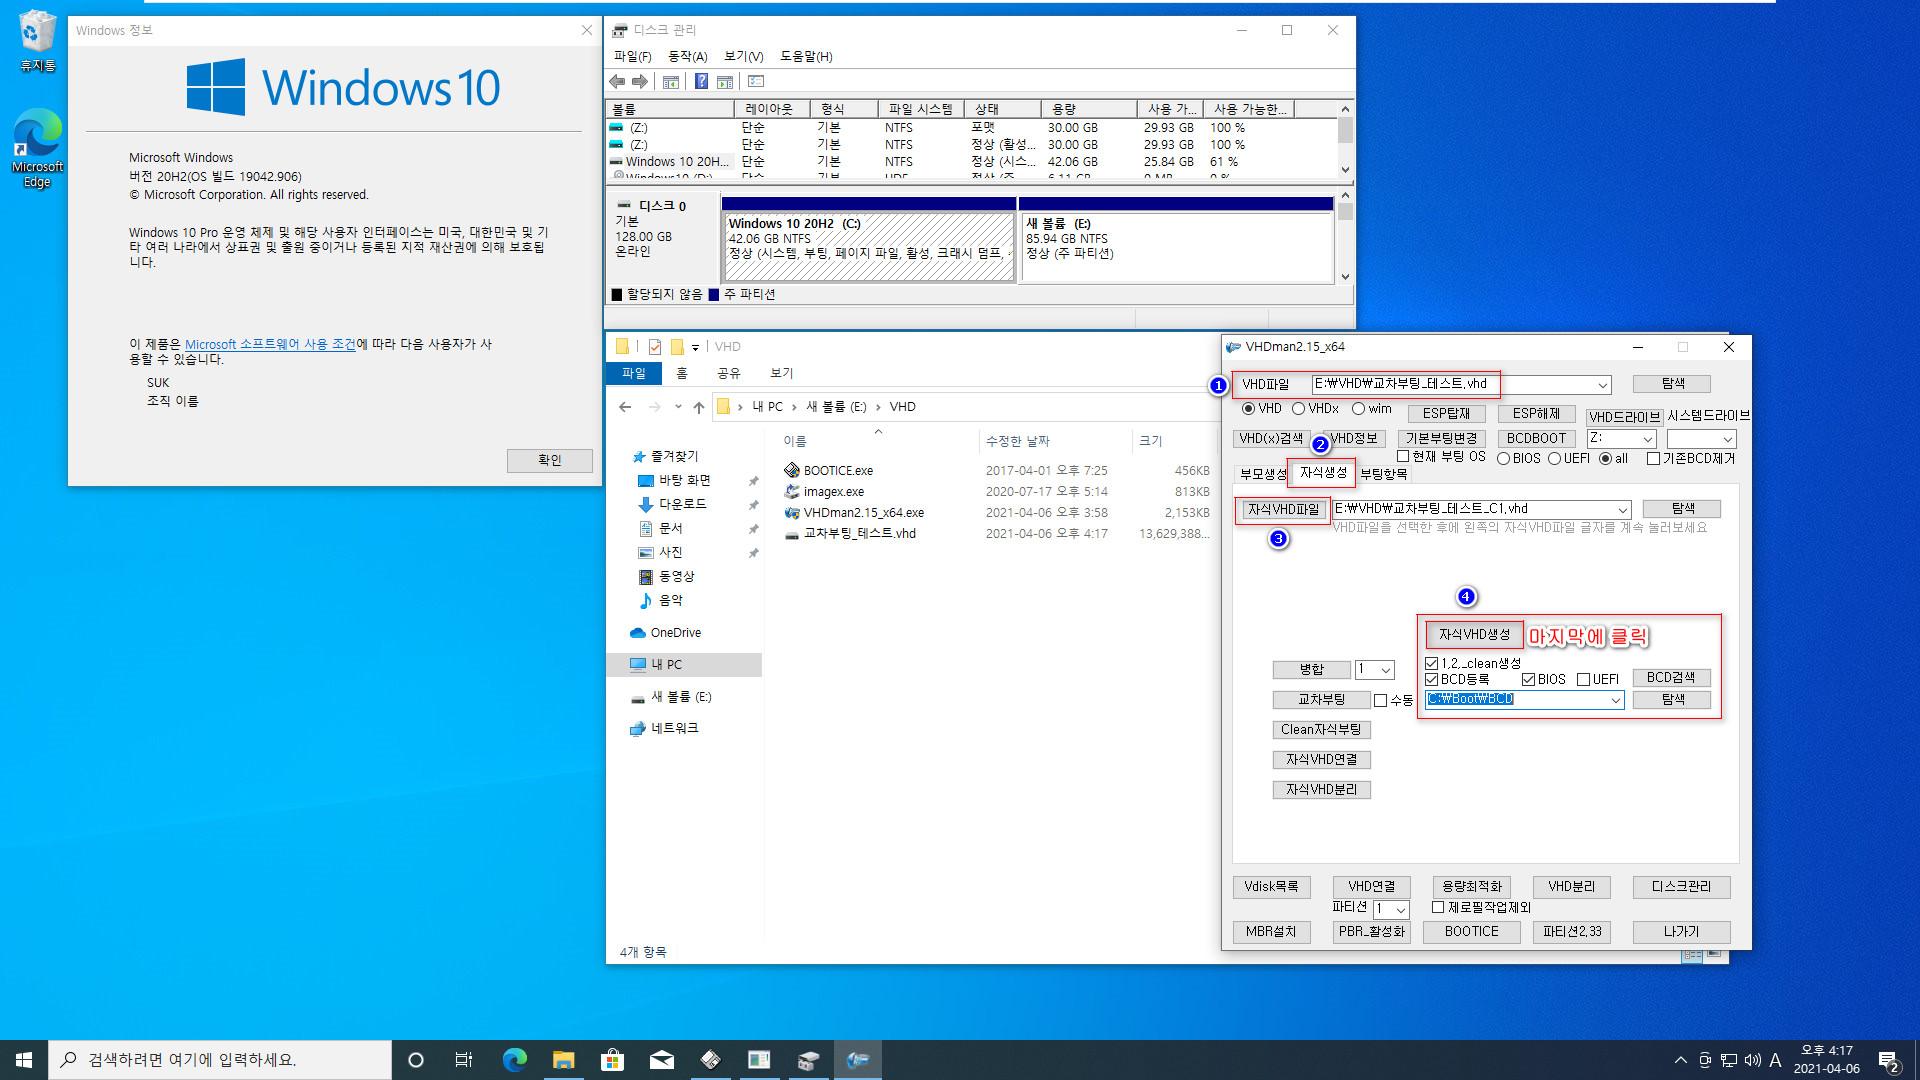 VHDman2.15으로 교차 부팅 테스트 2021-04-06_161734.jpg